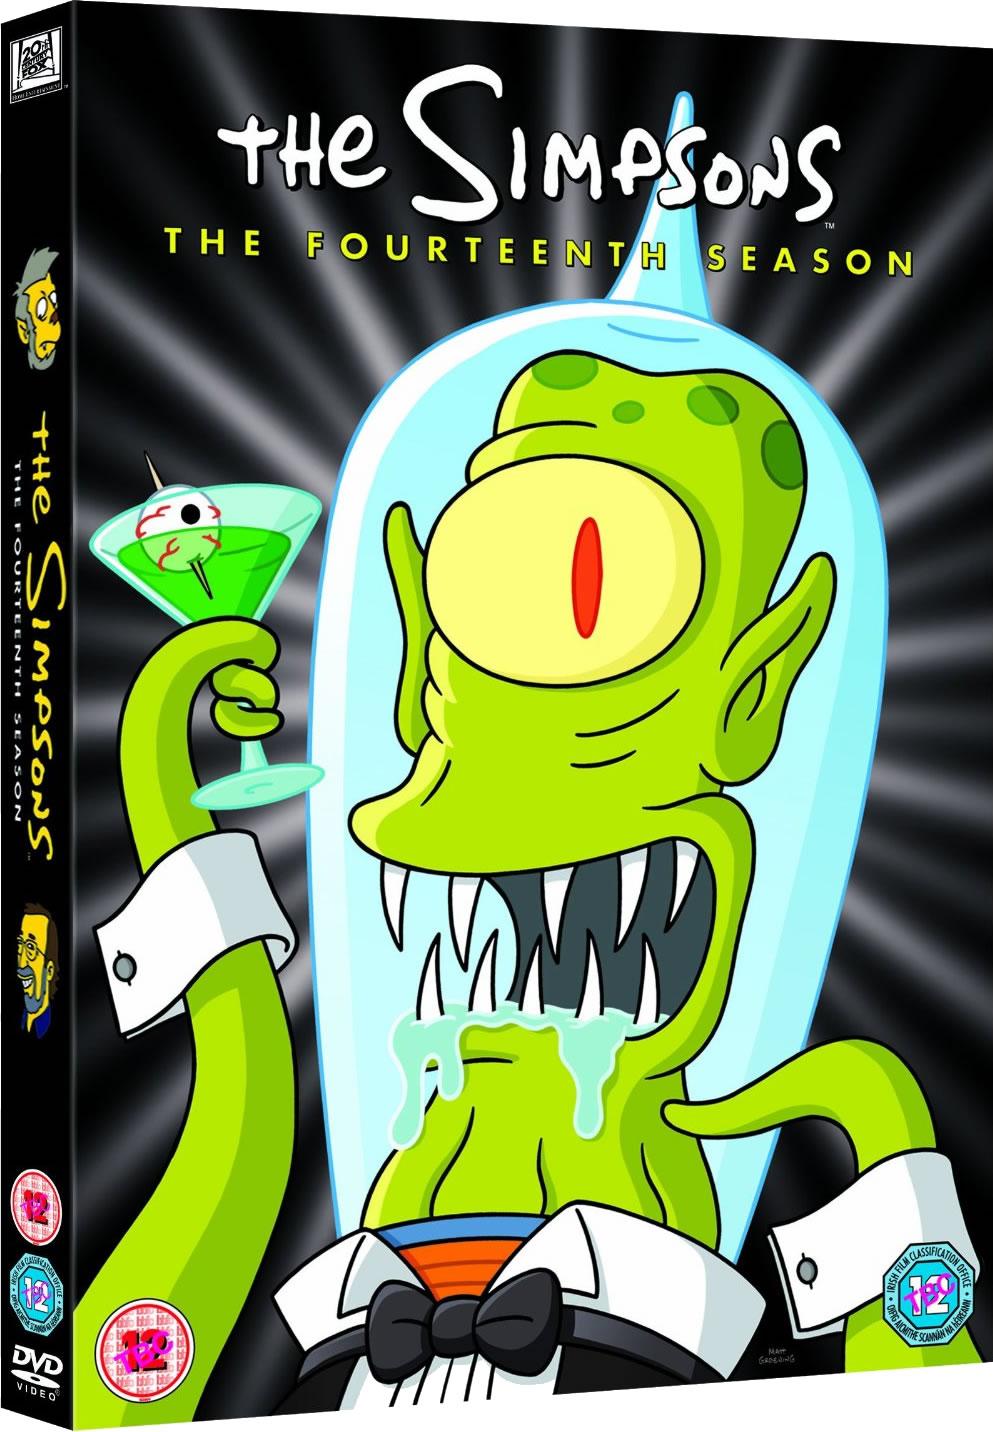 Les Simpson [20th Animation - 1989] - Page 7 Dvd_saison14_classique_big